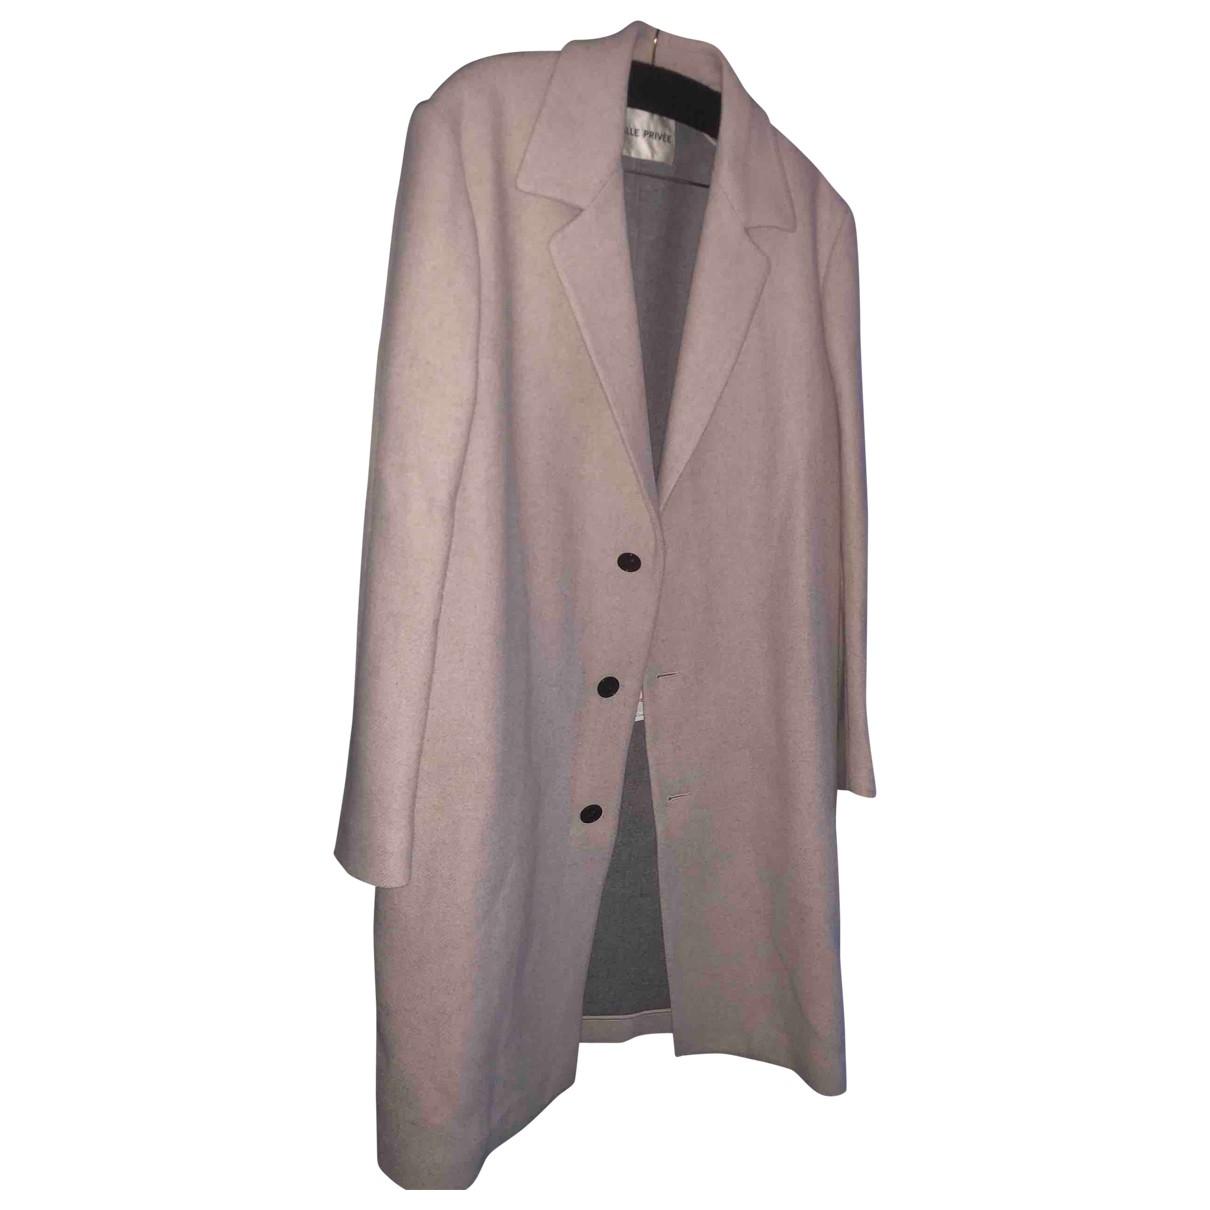 Salle Privee - Manteau   pour homme en laine - beige